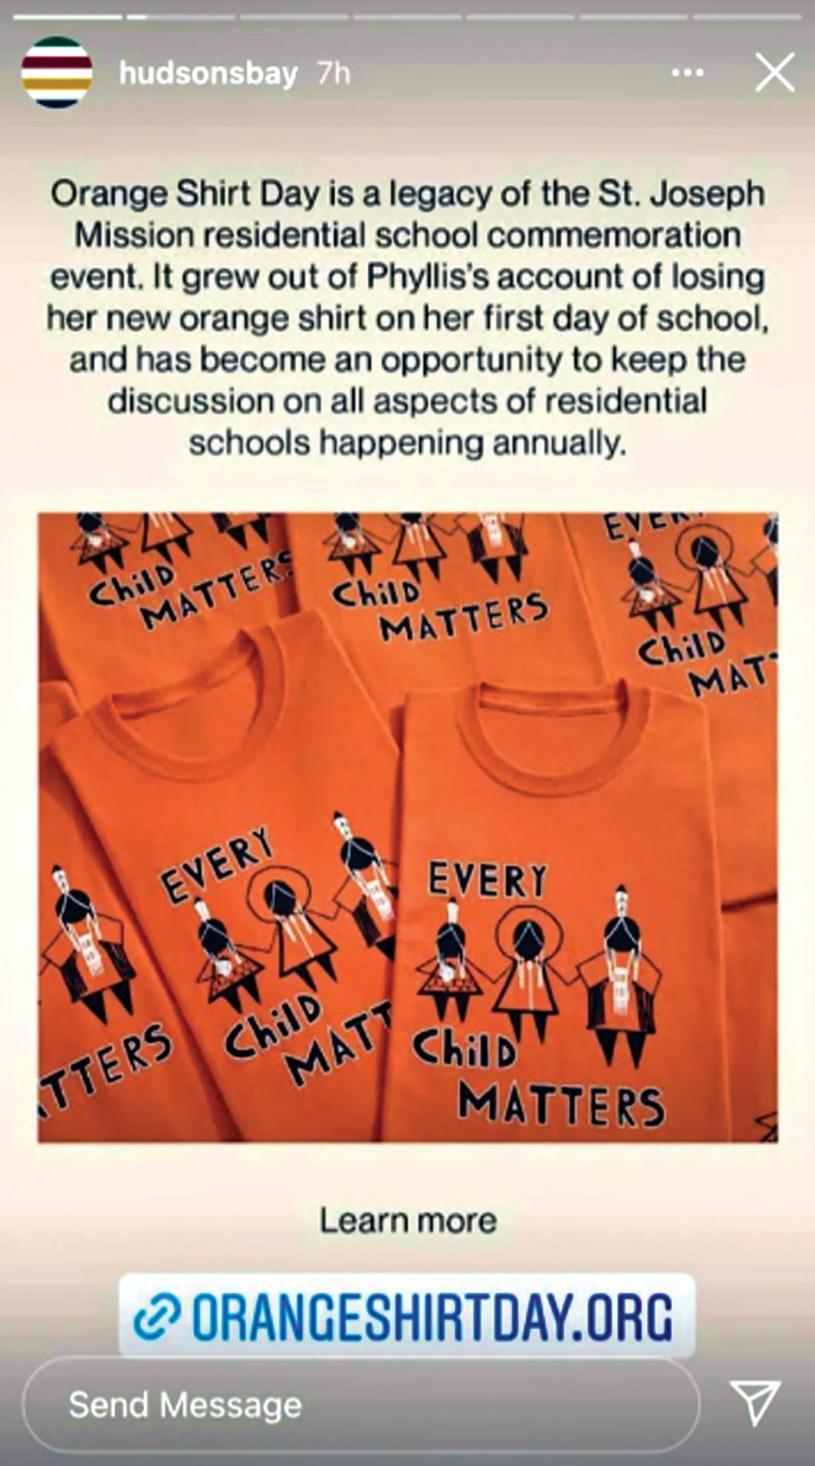 ■海灣百貨公司最近正在銷售紀念原住民寄宿學校事件的橙色T恤。Hudson's Bay Instagram